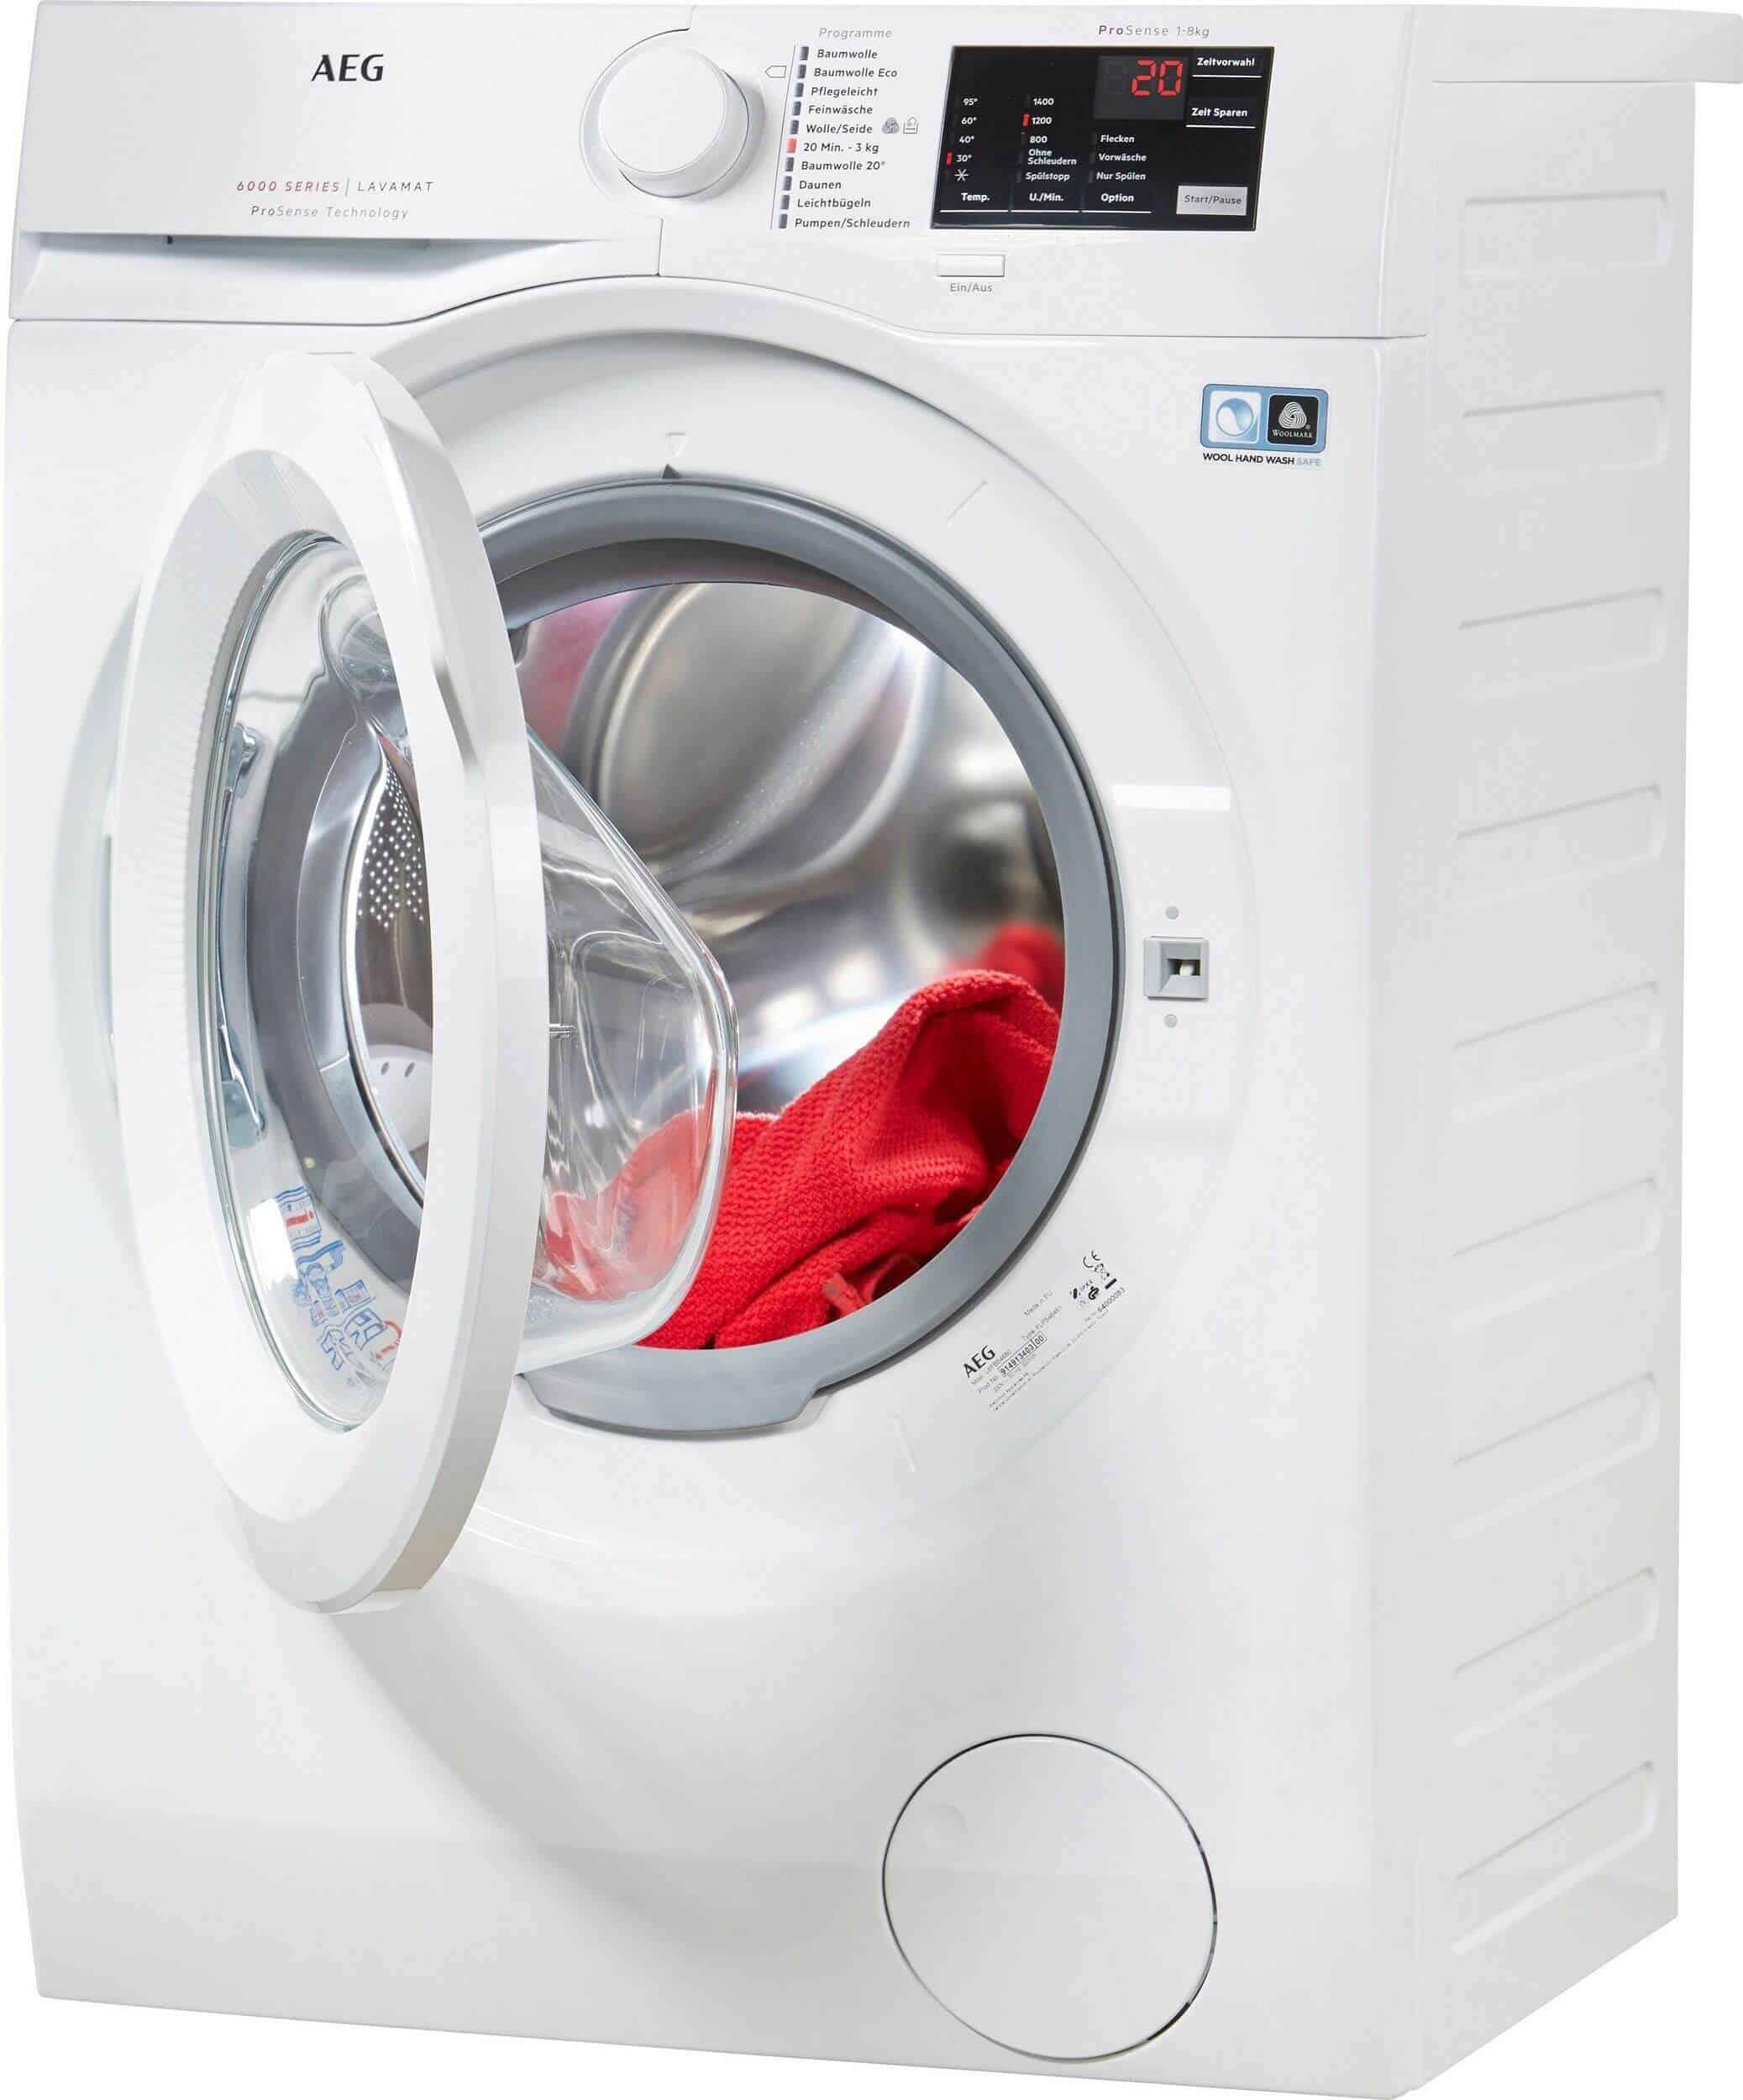 AEG L6fb54480 Moderne Waschmaschine Front Mit Geoffneter Trommel